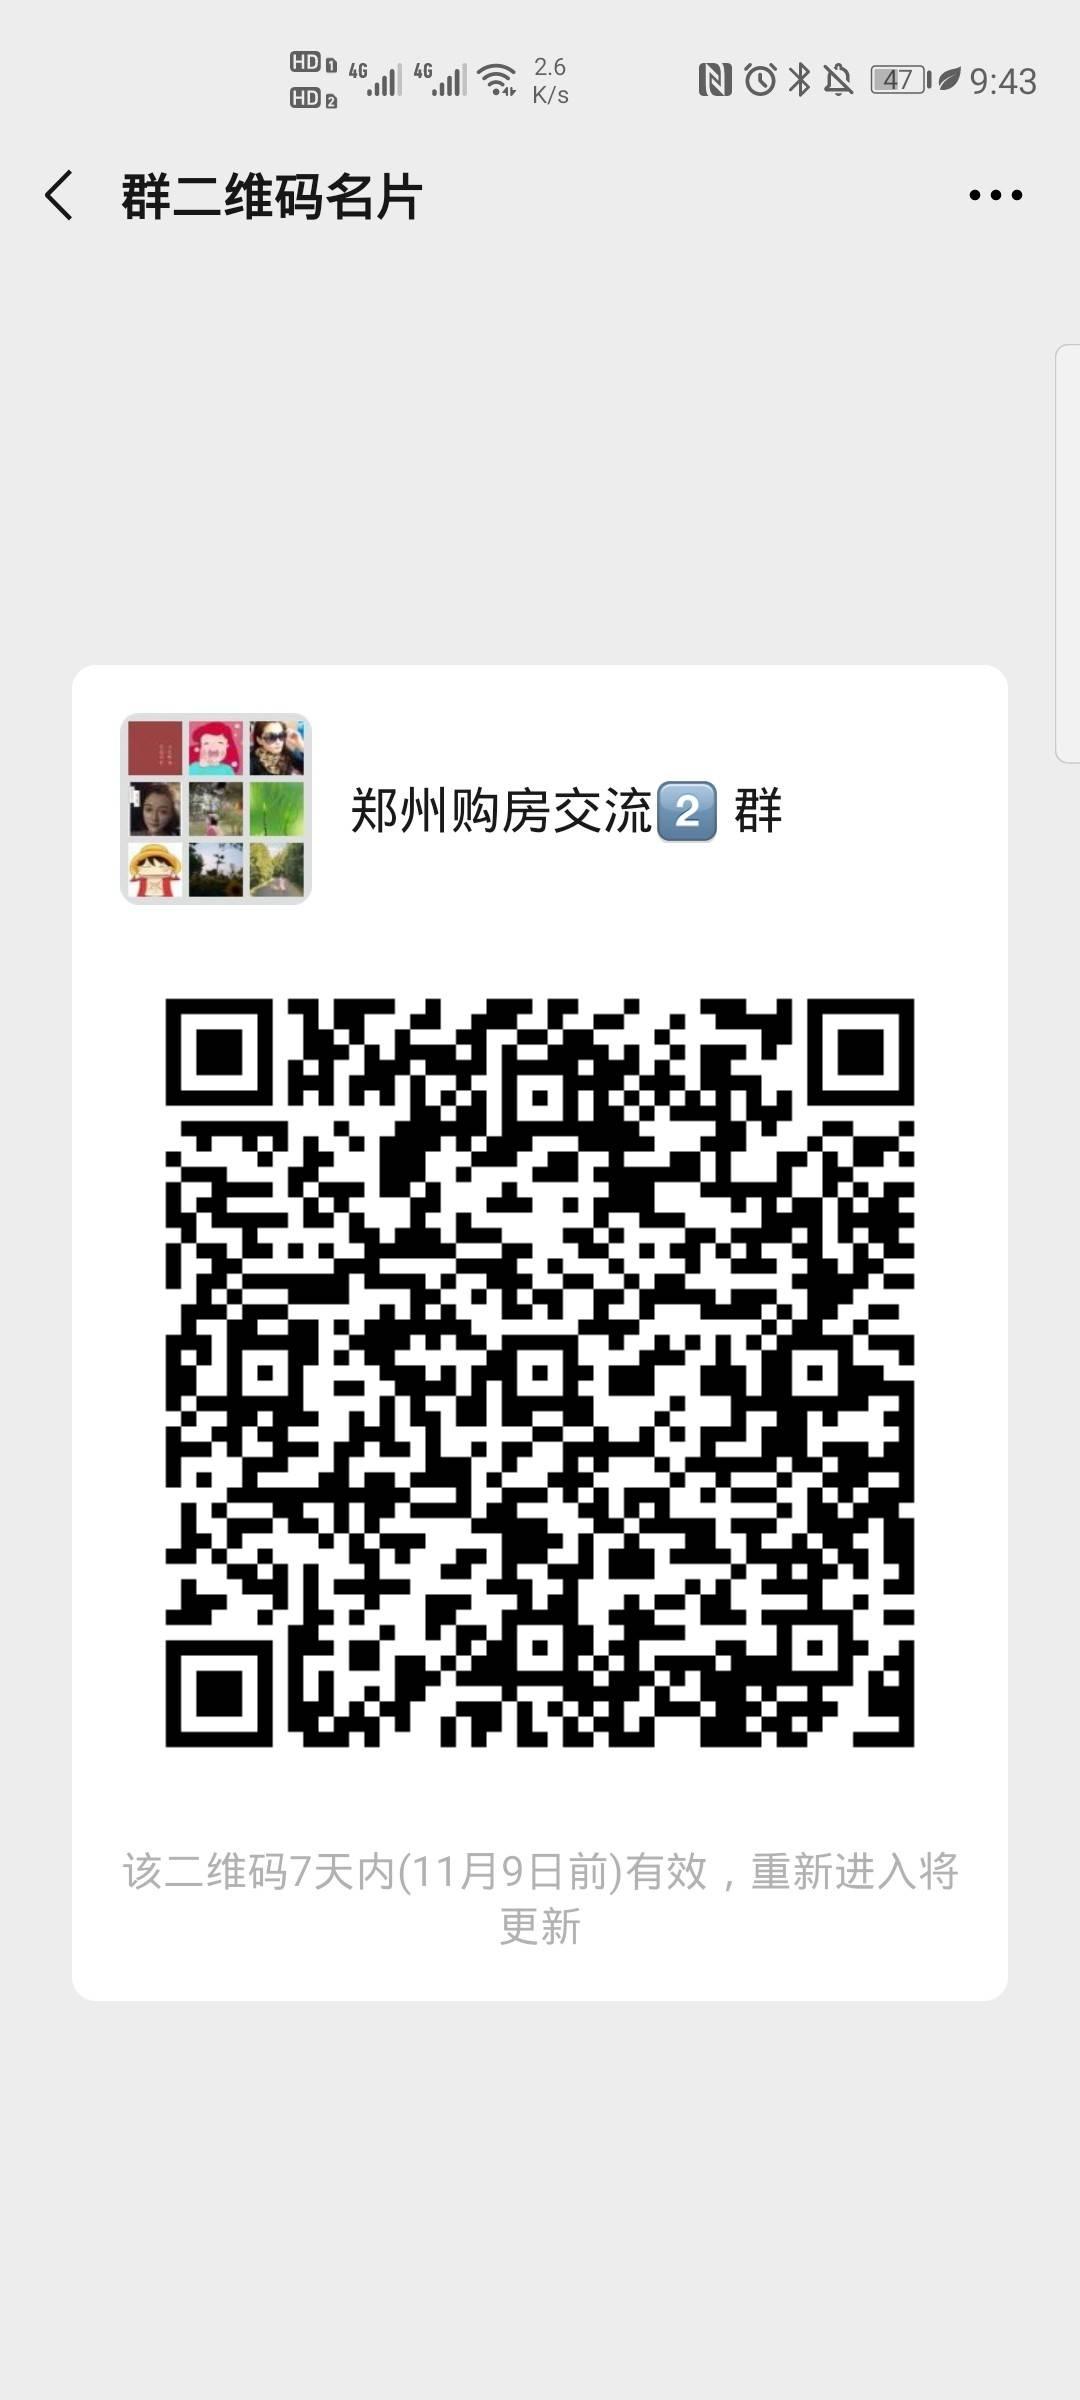 2020-11-02 11.49.33.jpg